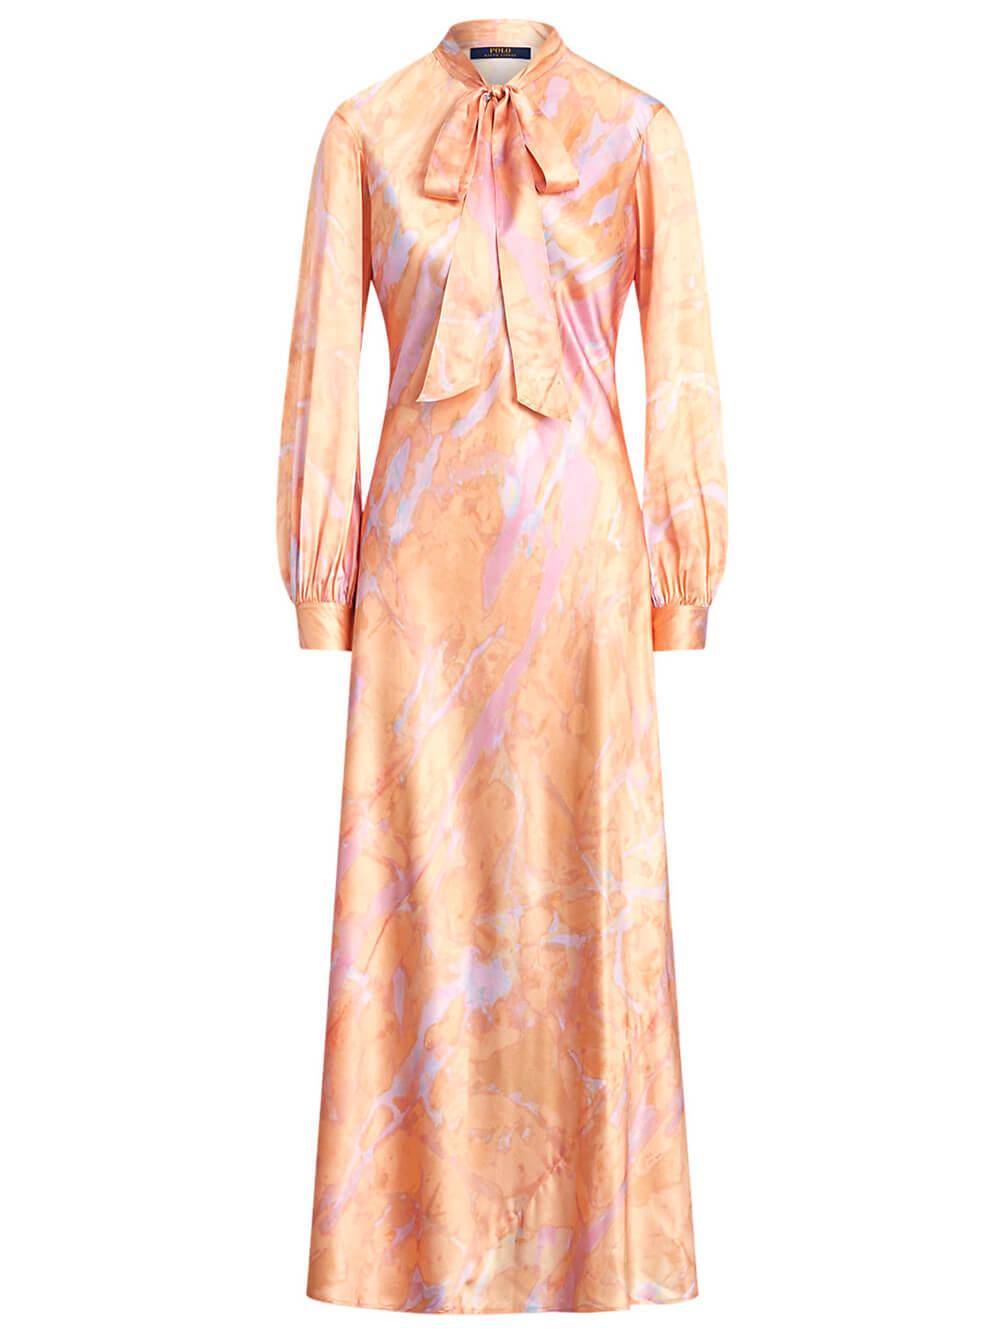 Rily Tie Dye Maxi Dress